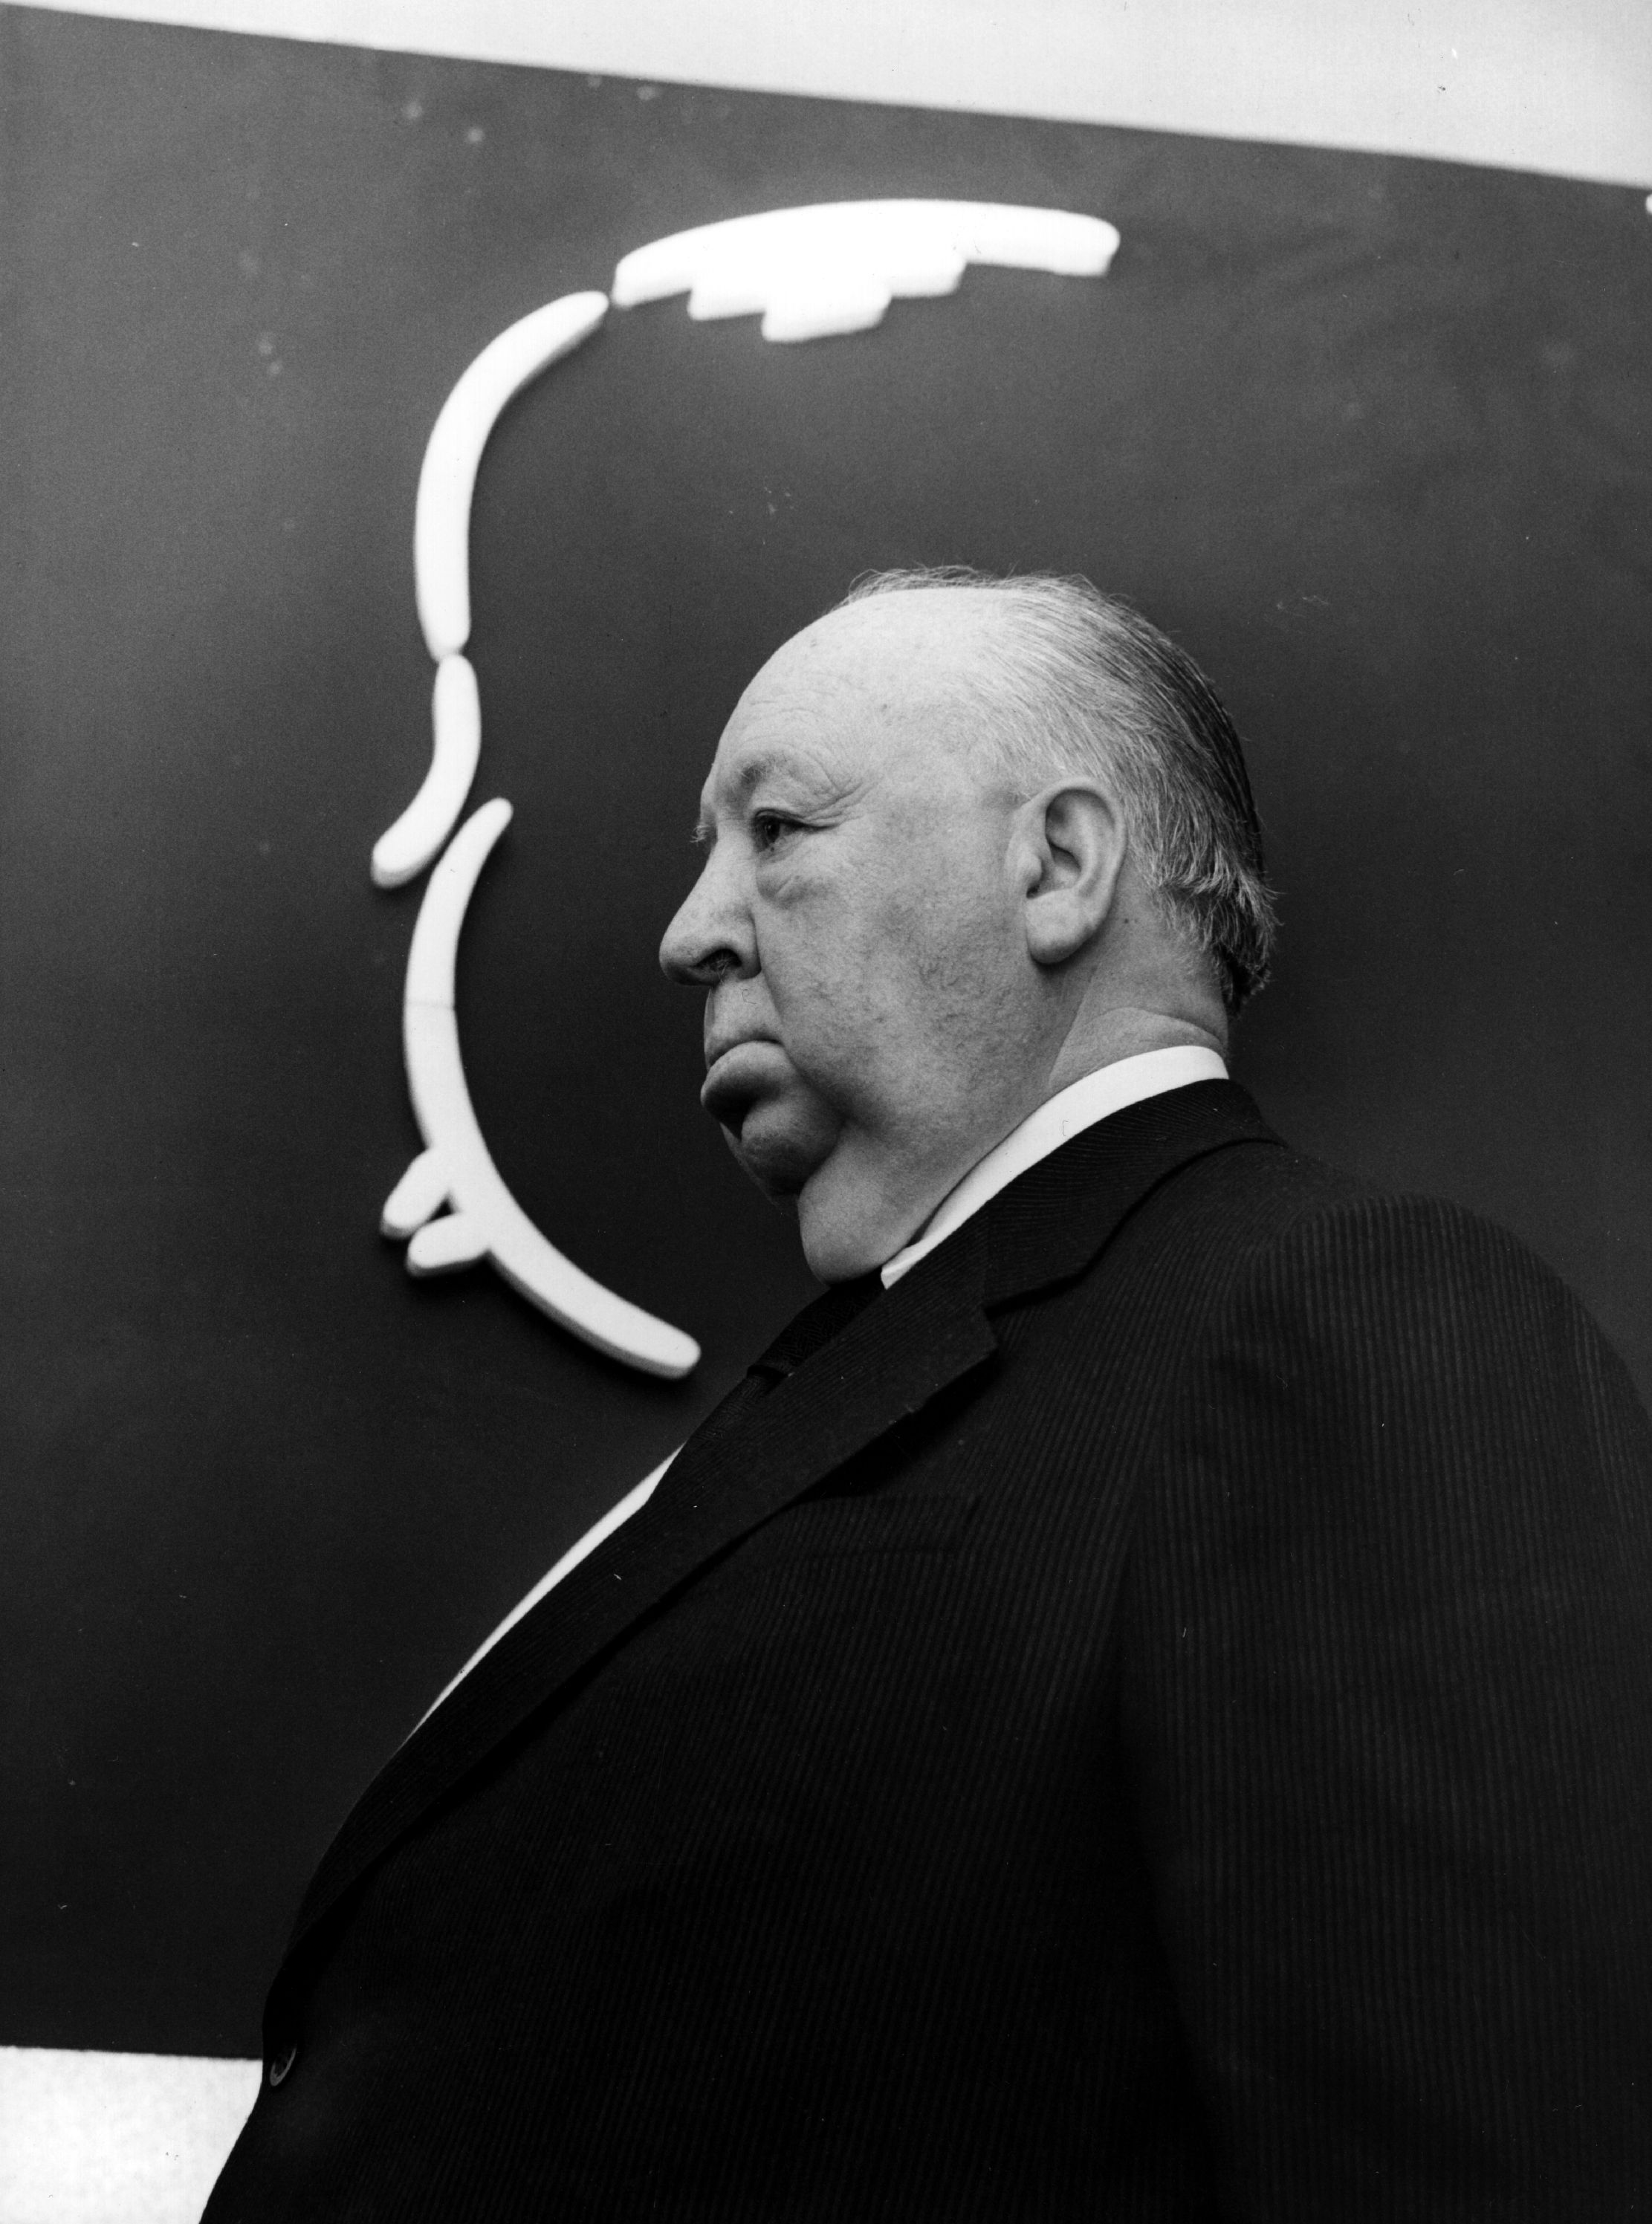 Am Ende seiner langen Karriere wurde Hitchcock oft vorgeworfen, sich nur noch selbst zu kopieren und die Marke Hitchcock auszuschlachten